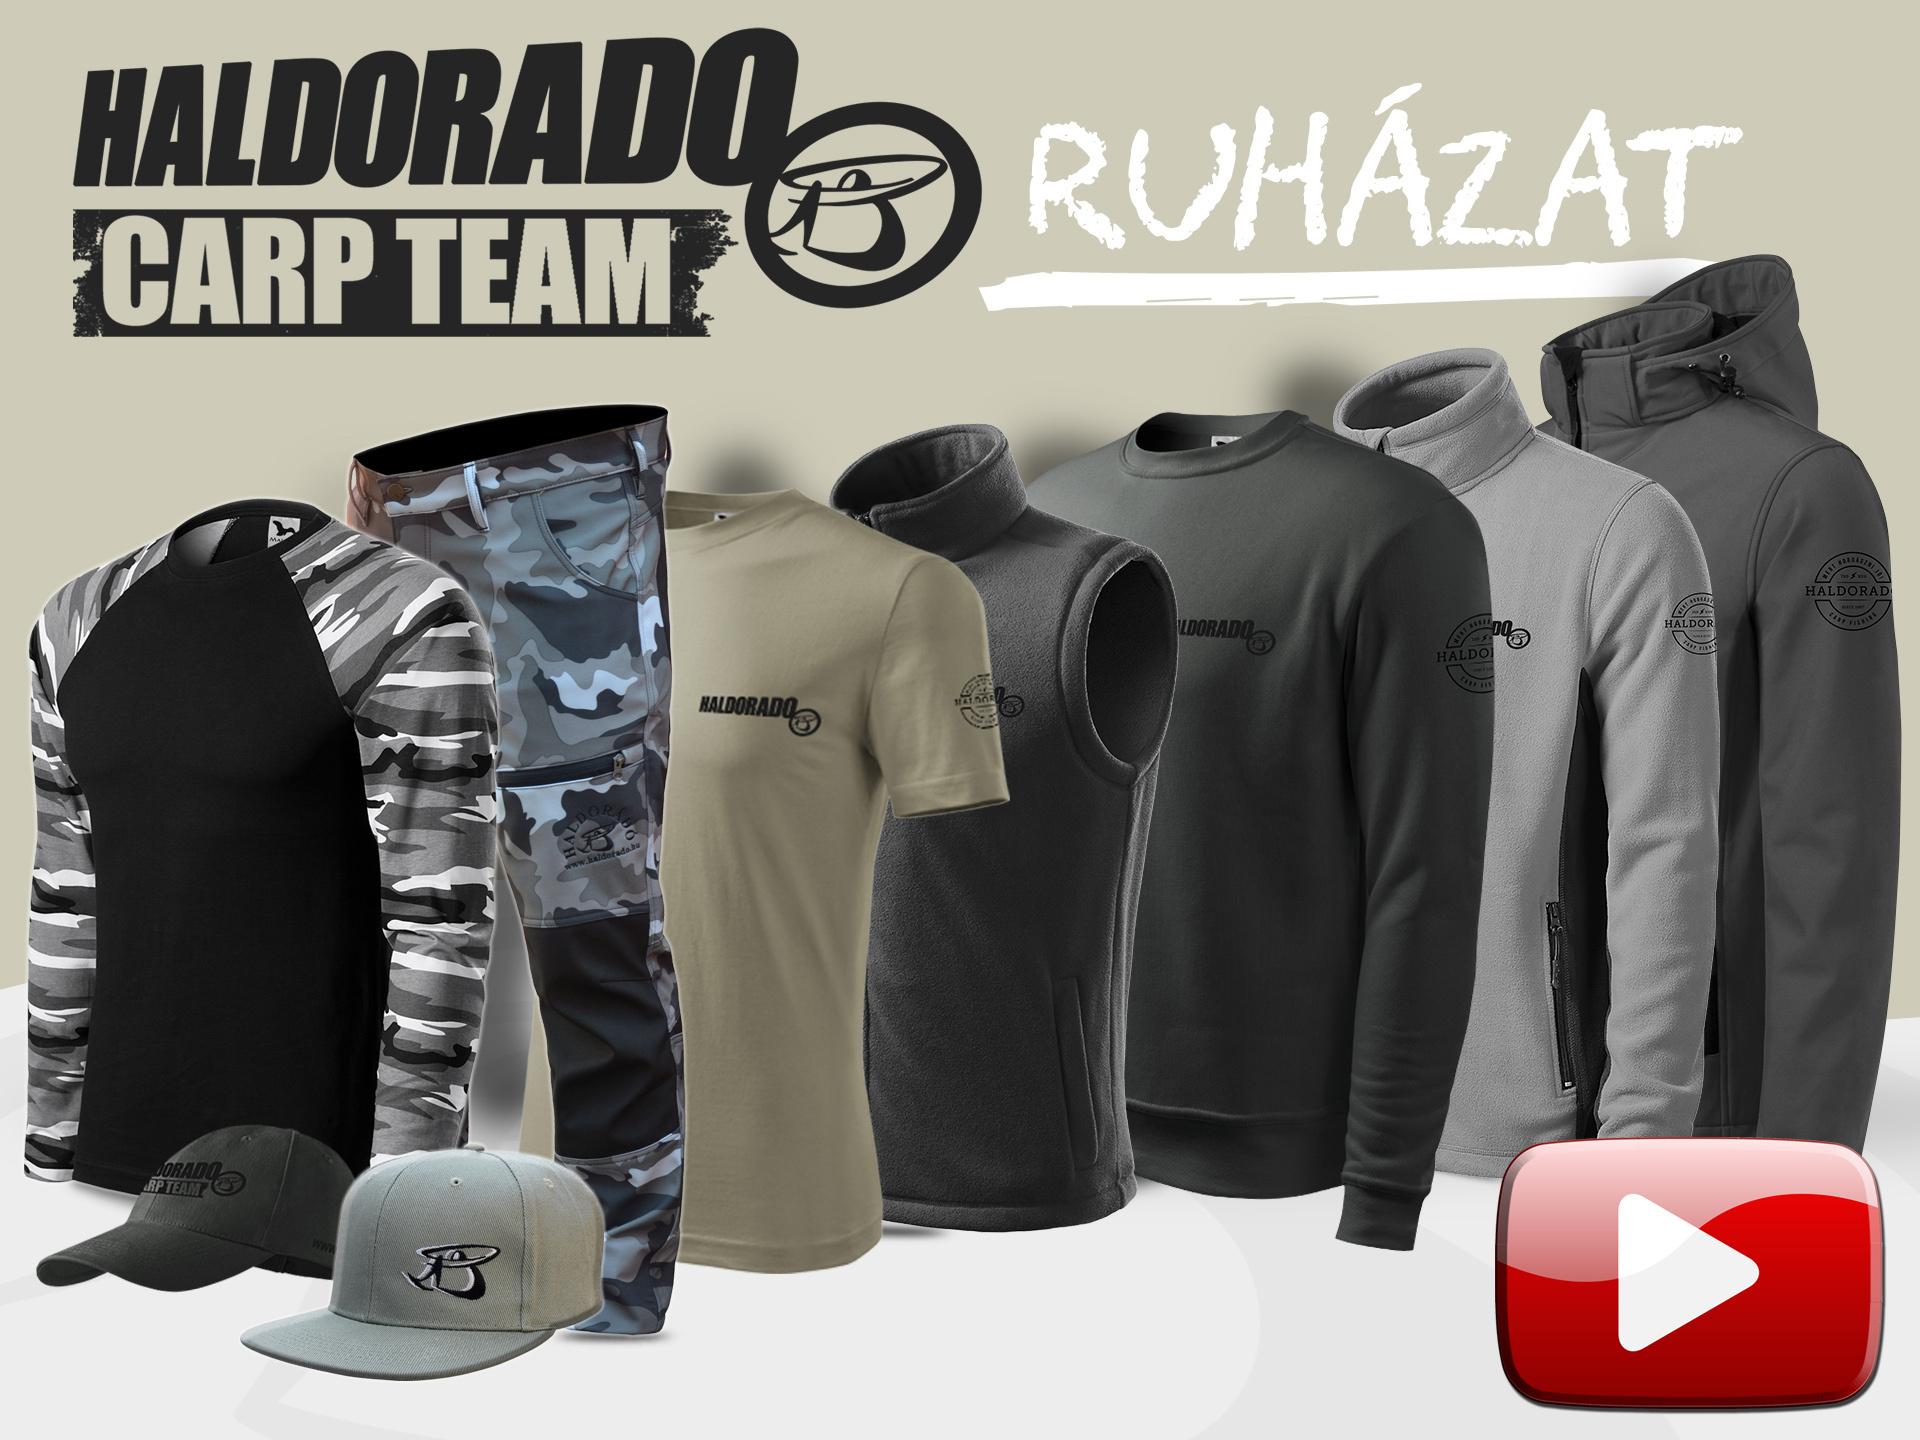 Bemutatjuk az új Haldorádó Carp Team ruházatot